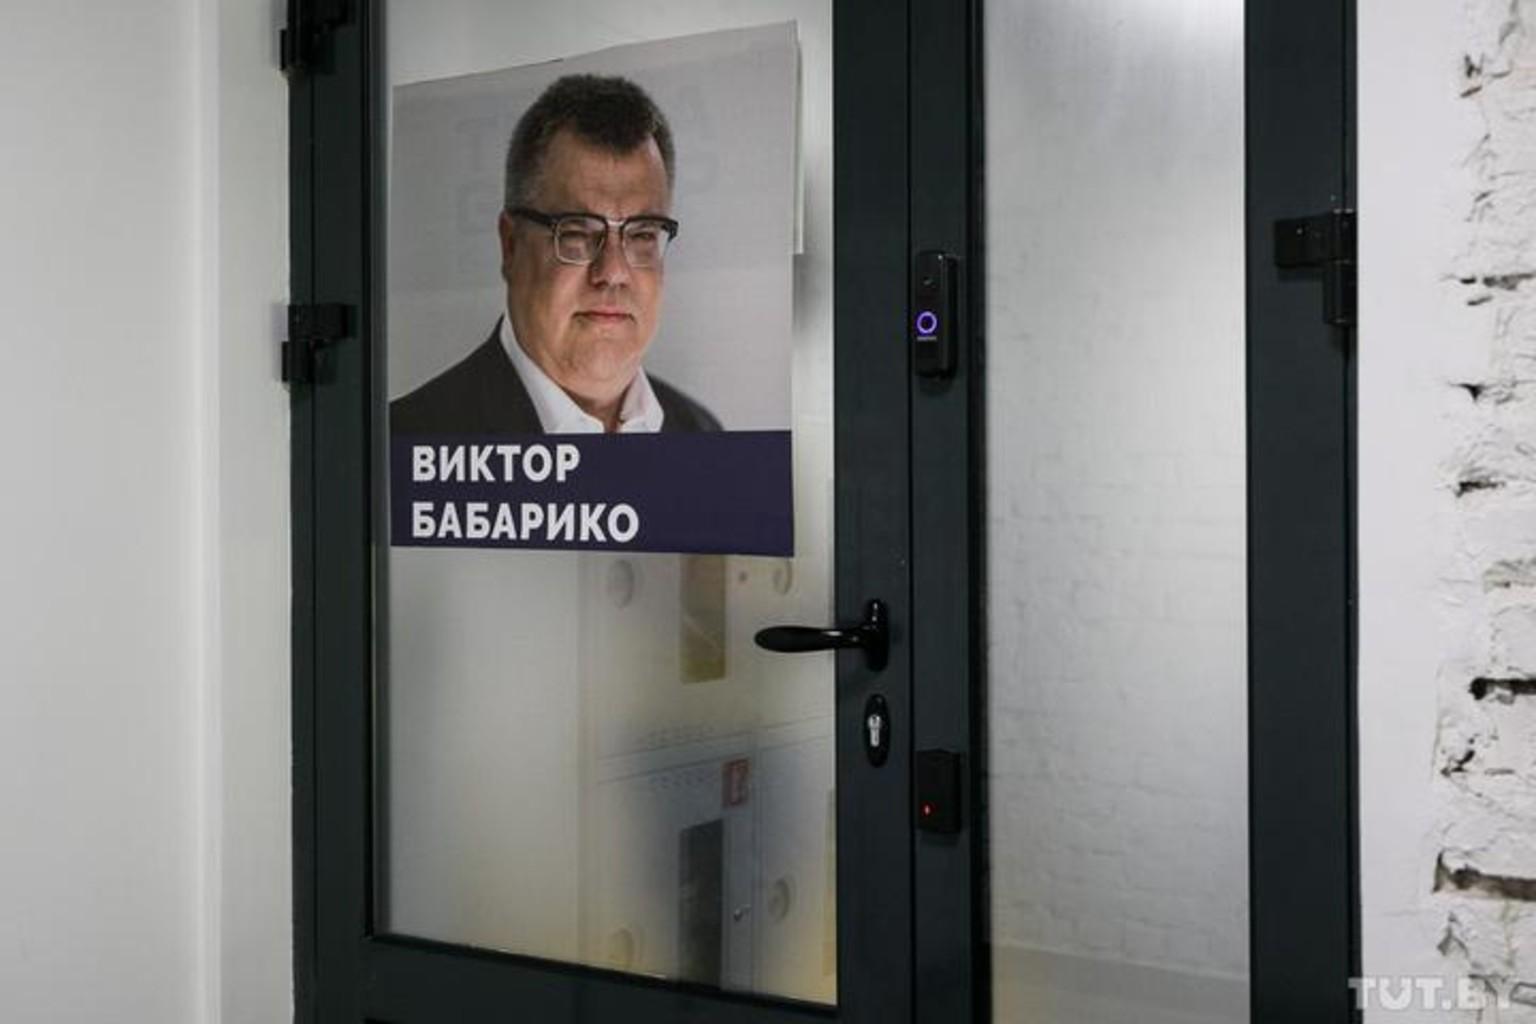 Viktor babariko 20200611 shuk tutby phsl 8635